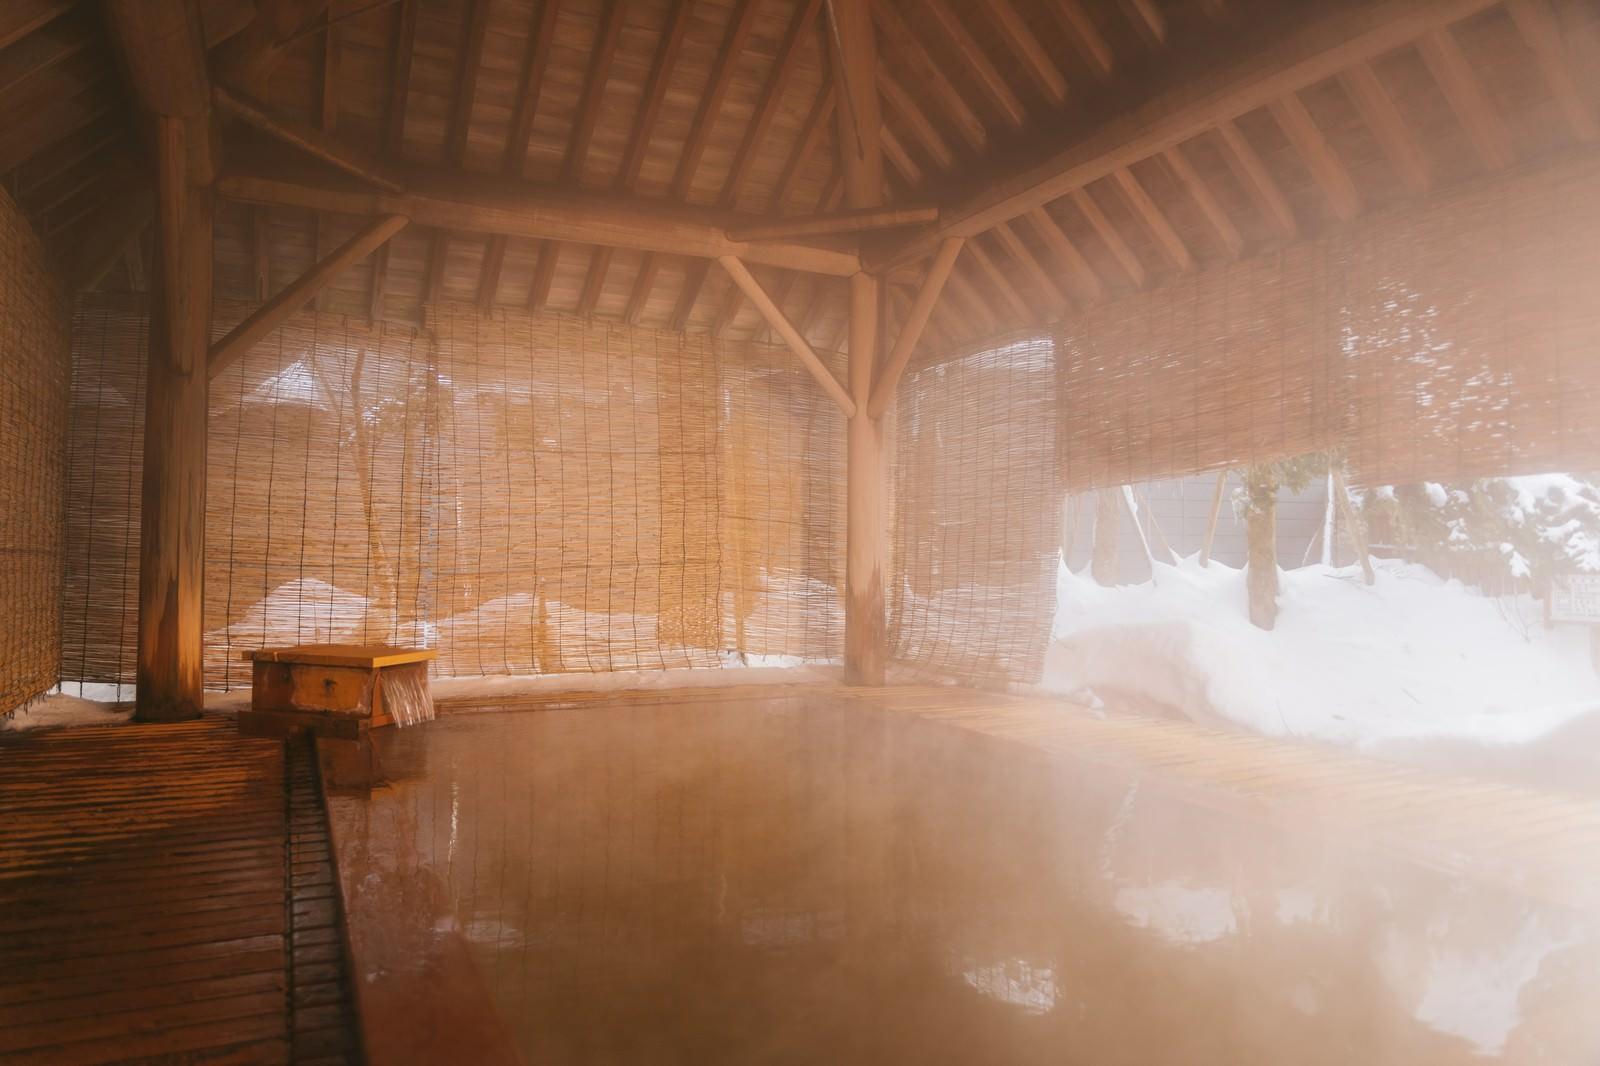 「溢れ出る温泉にざっぶーんと身を沈める平湯館の総檜露天風呂」の写真